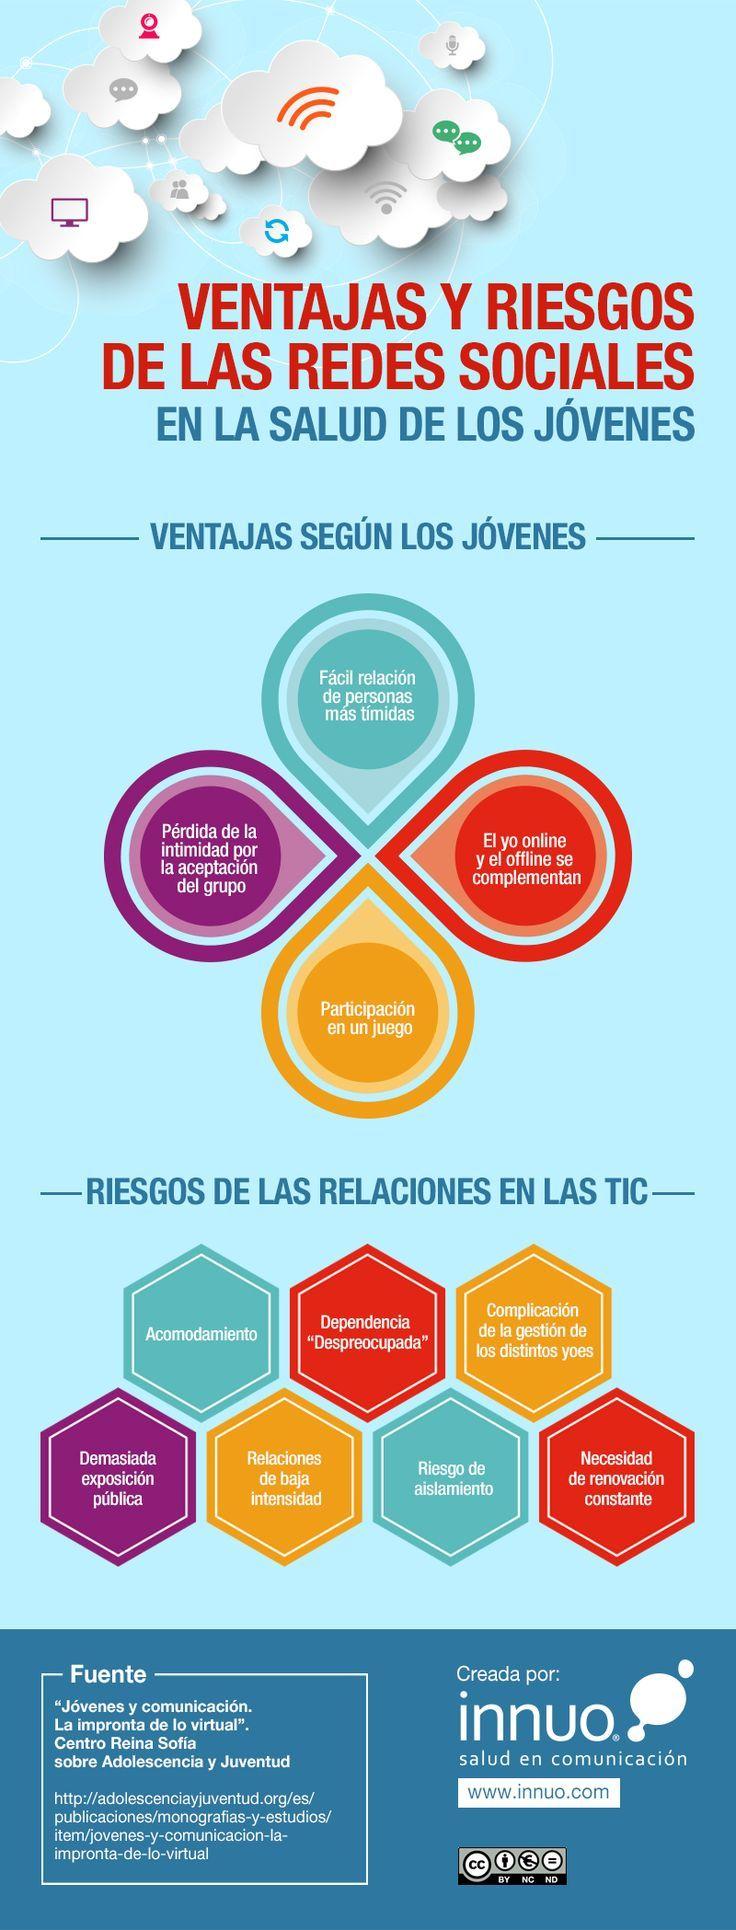 Ventajas Y Riesgos De Las Redes Sociales En La Salud De Los Jóvenes Socialismo Redes De Comunicacion Redes Sociales